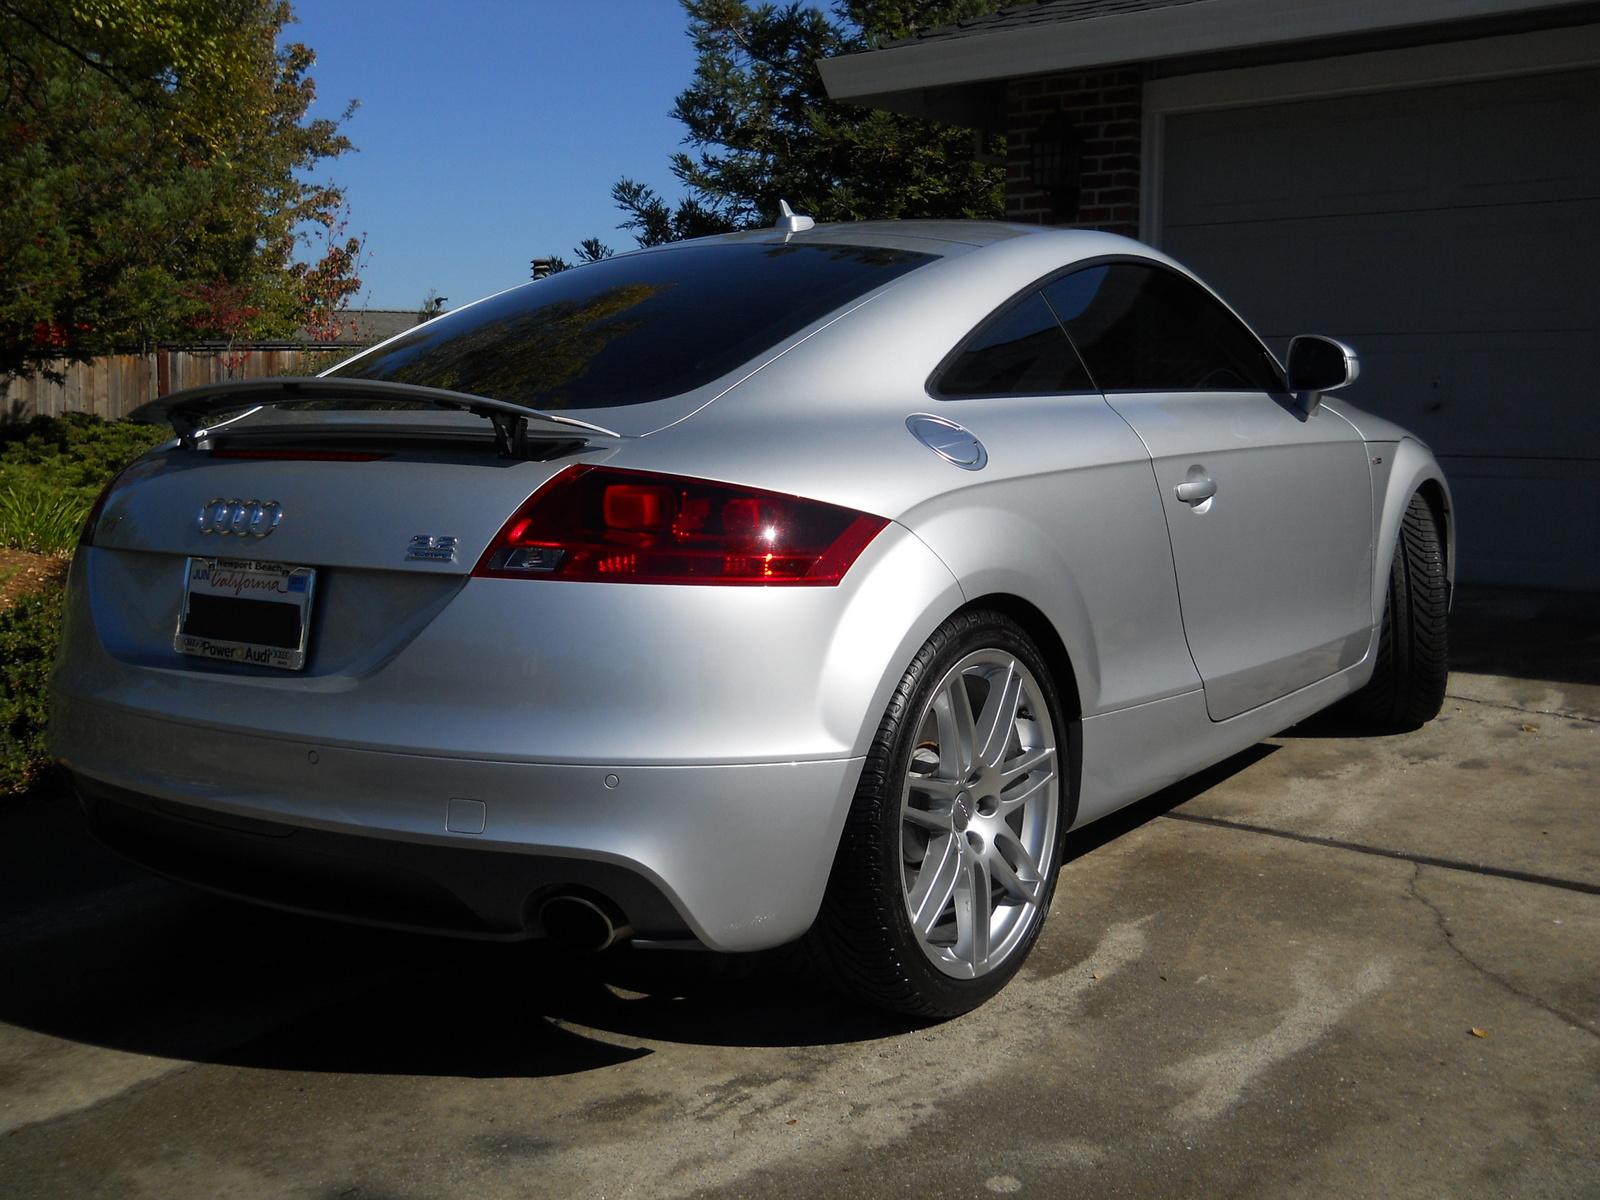 2008 Audi TT - Pictures - CarGurus